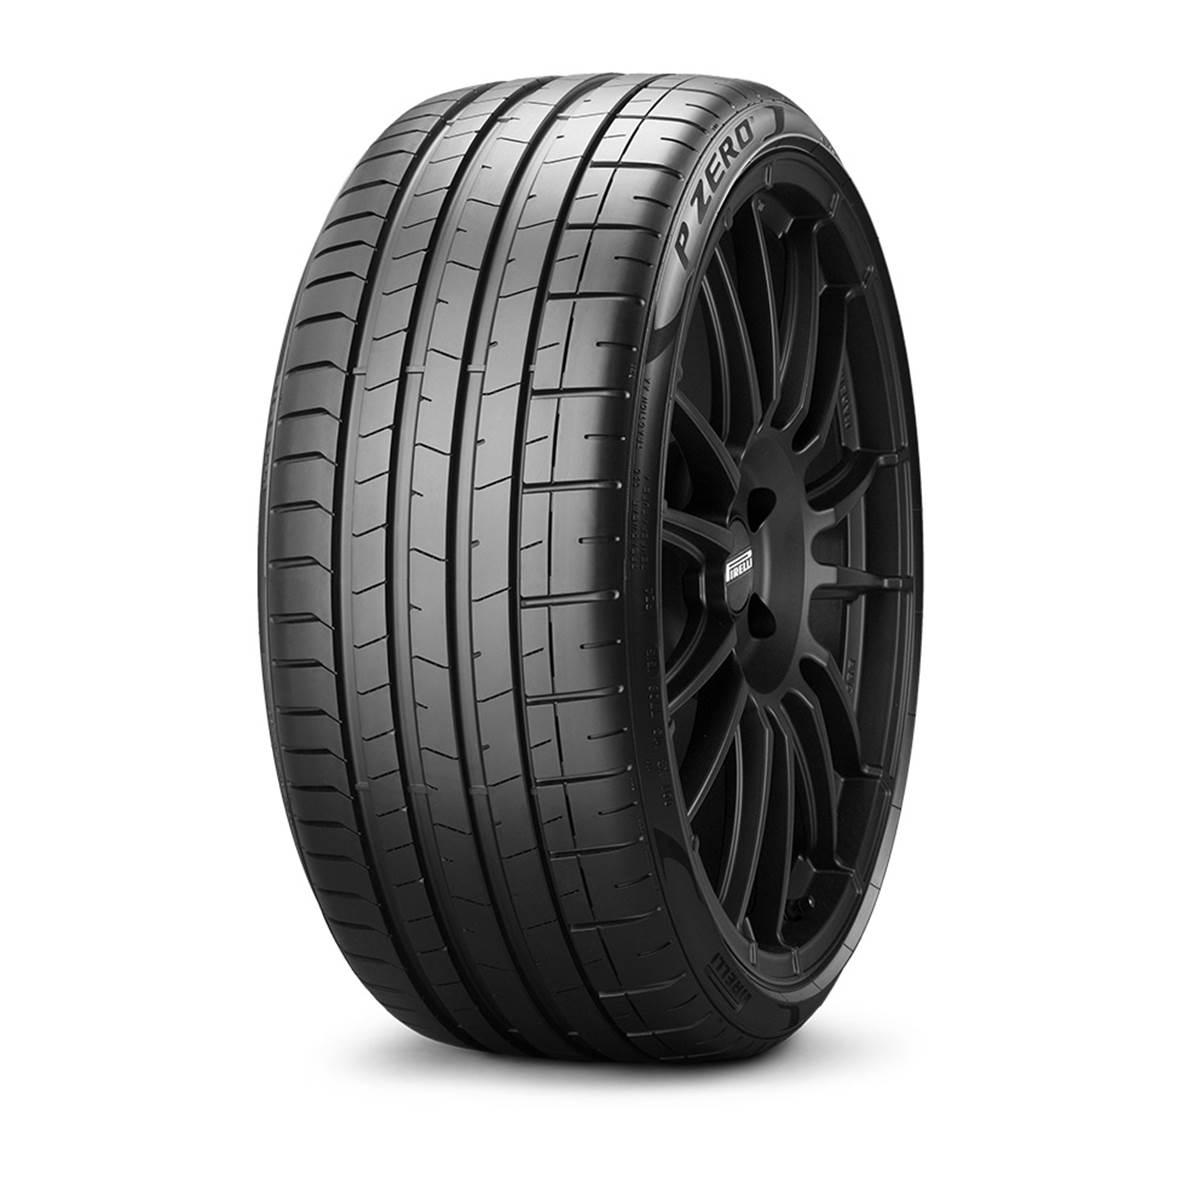 Pneu Pirelli 265/35R20 95Y Pzero